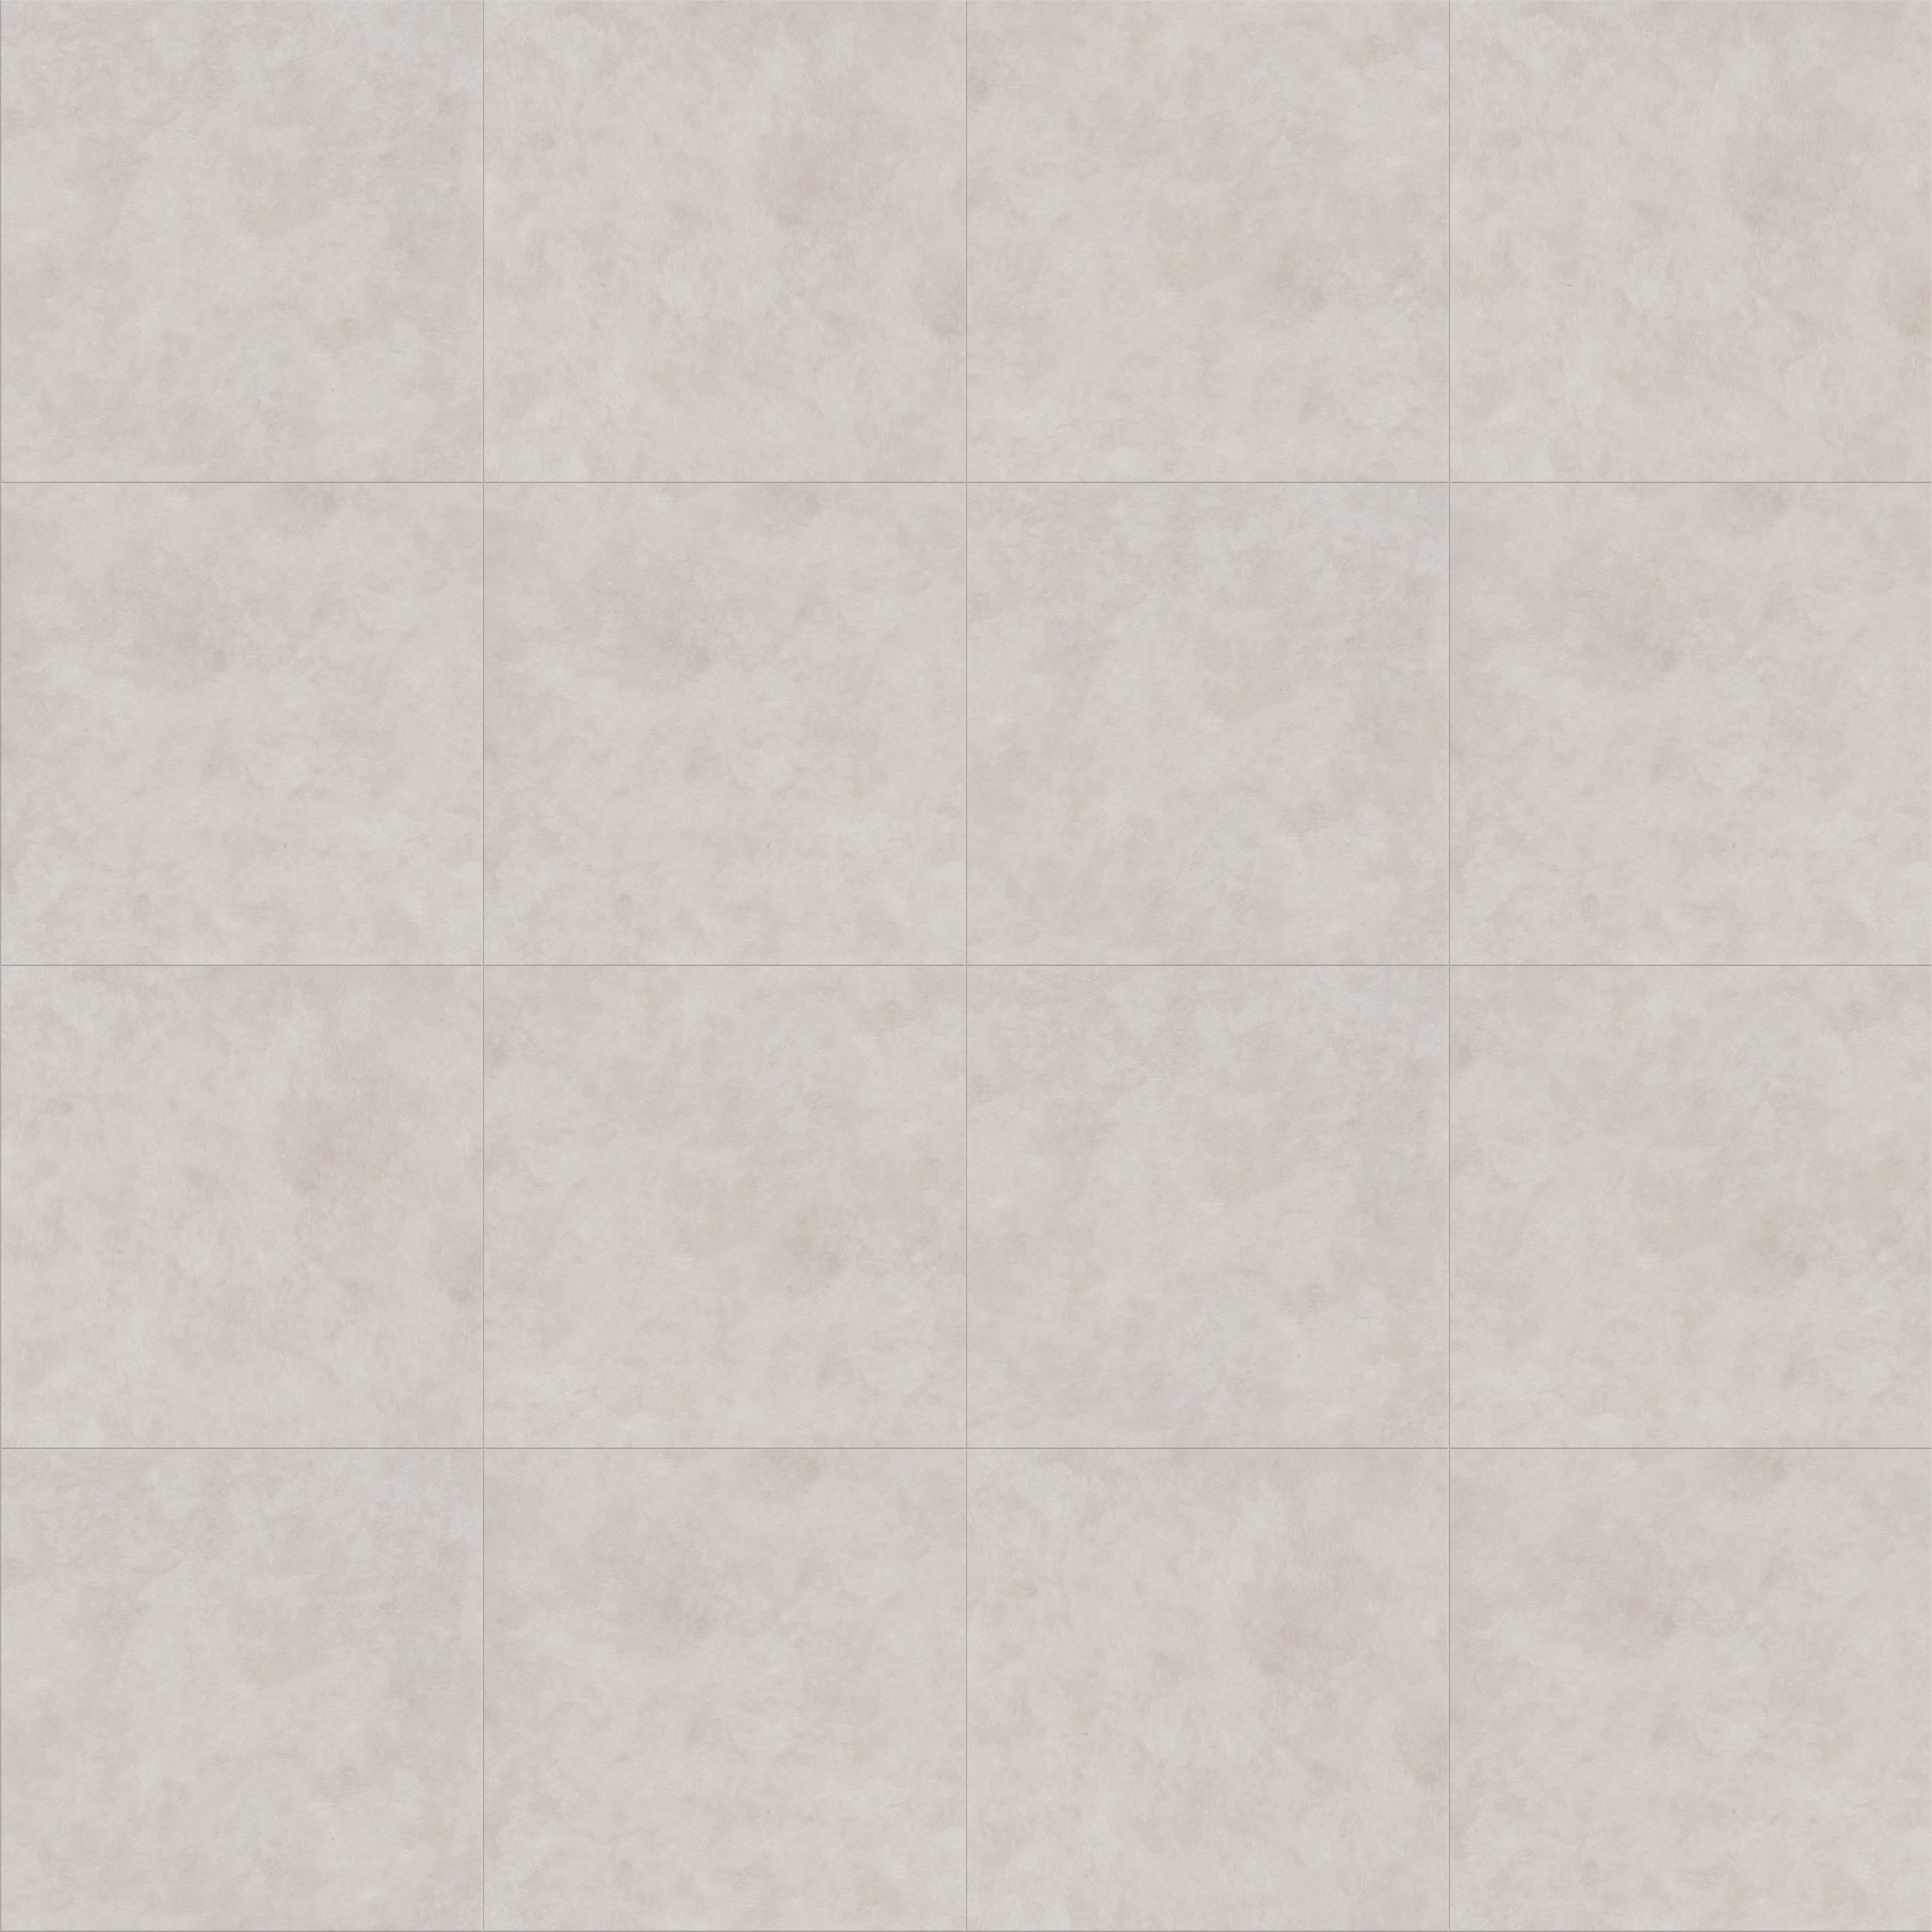 Allura_Stone_-s62488_white_sand